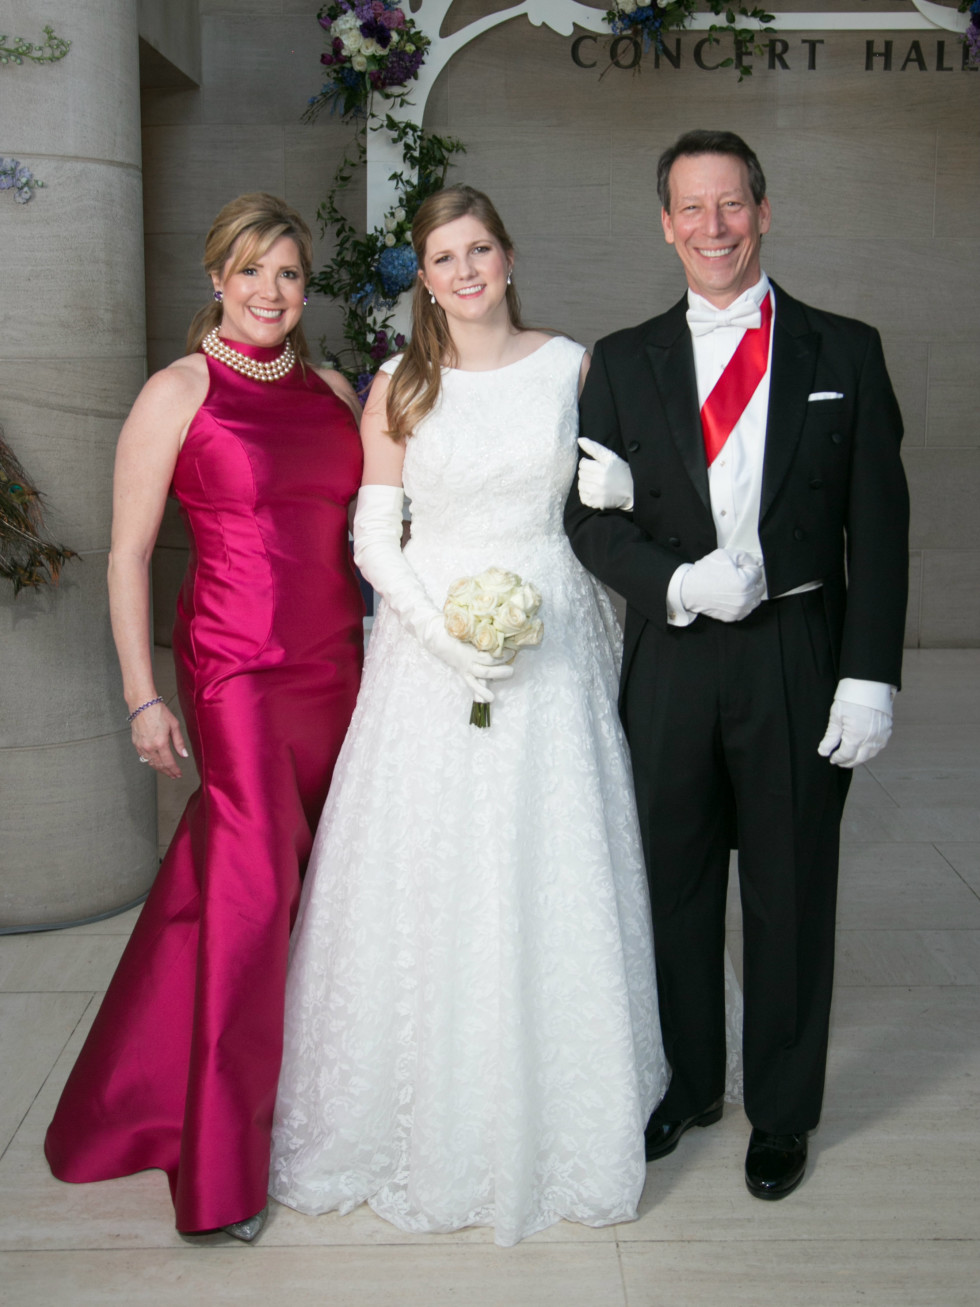 Kersten Rettig, McKenna Cook, Clark Knippers